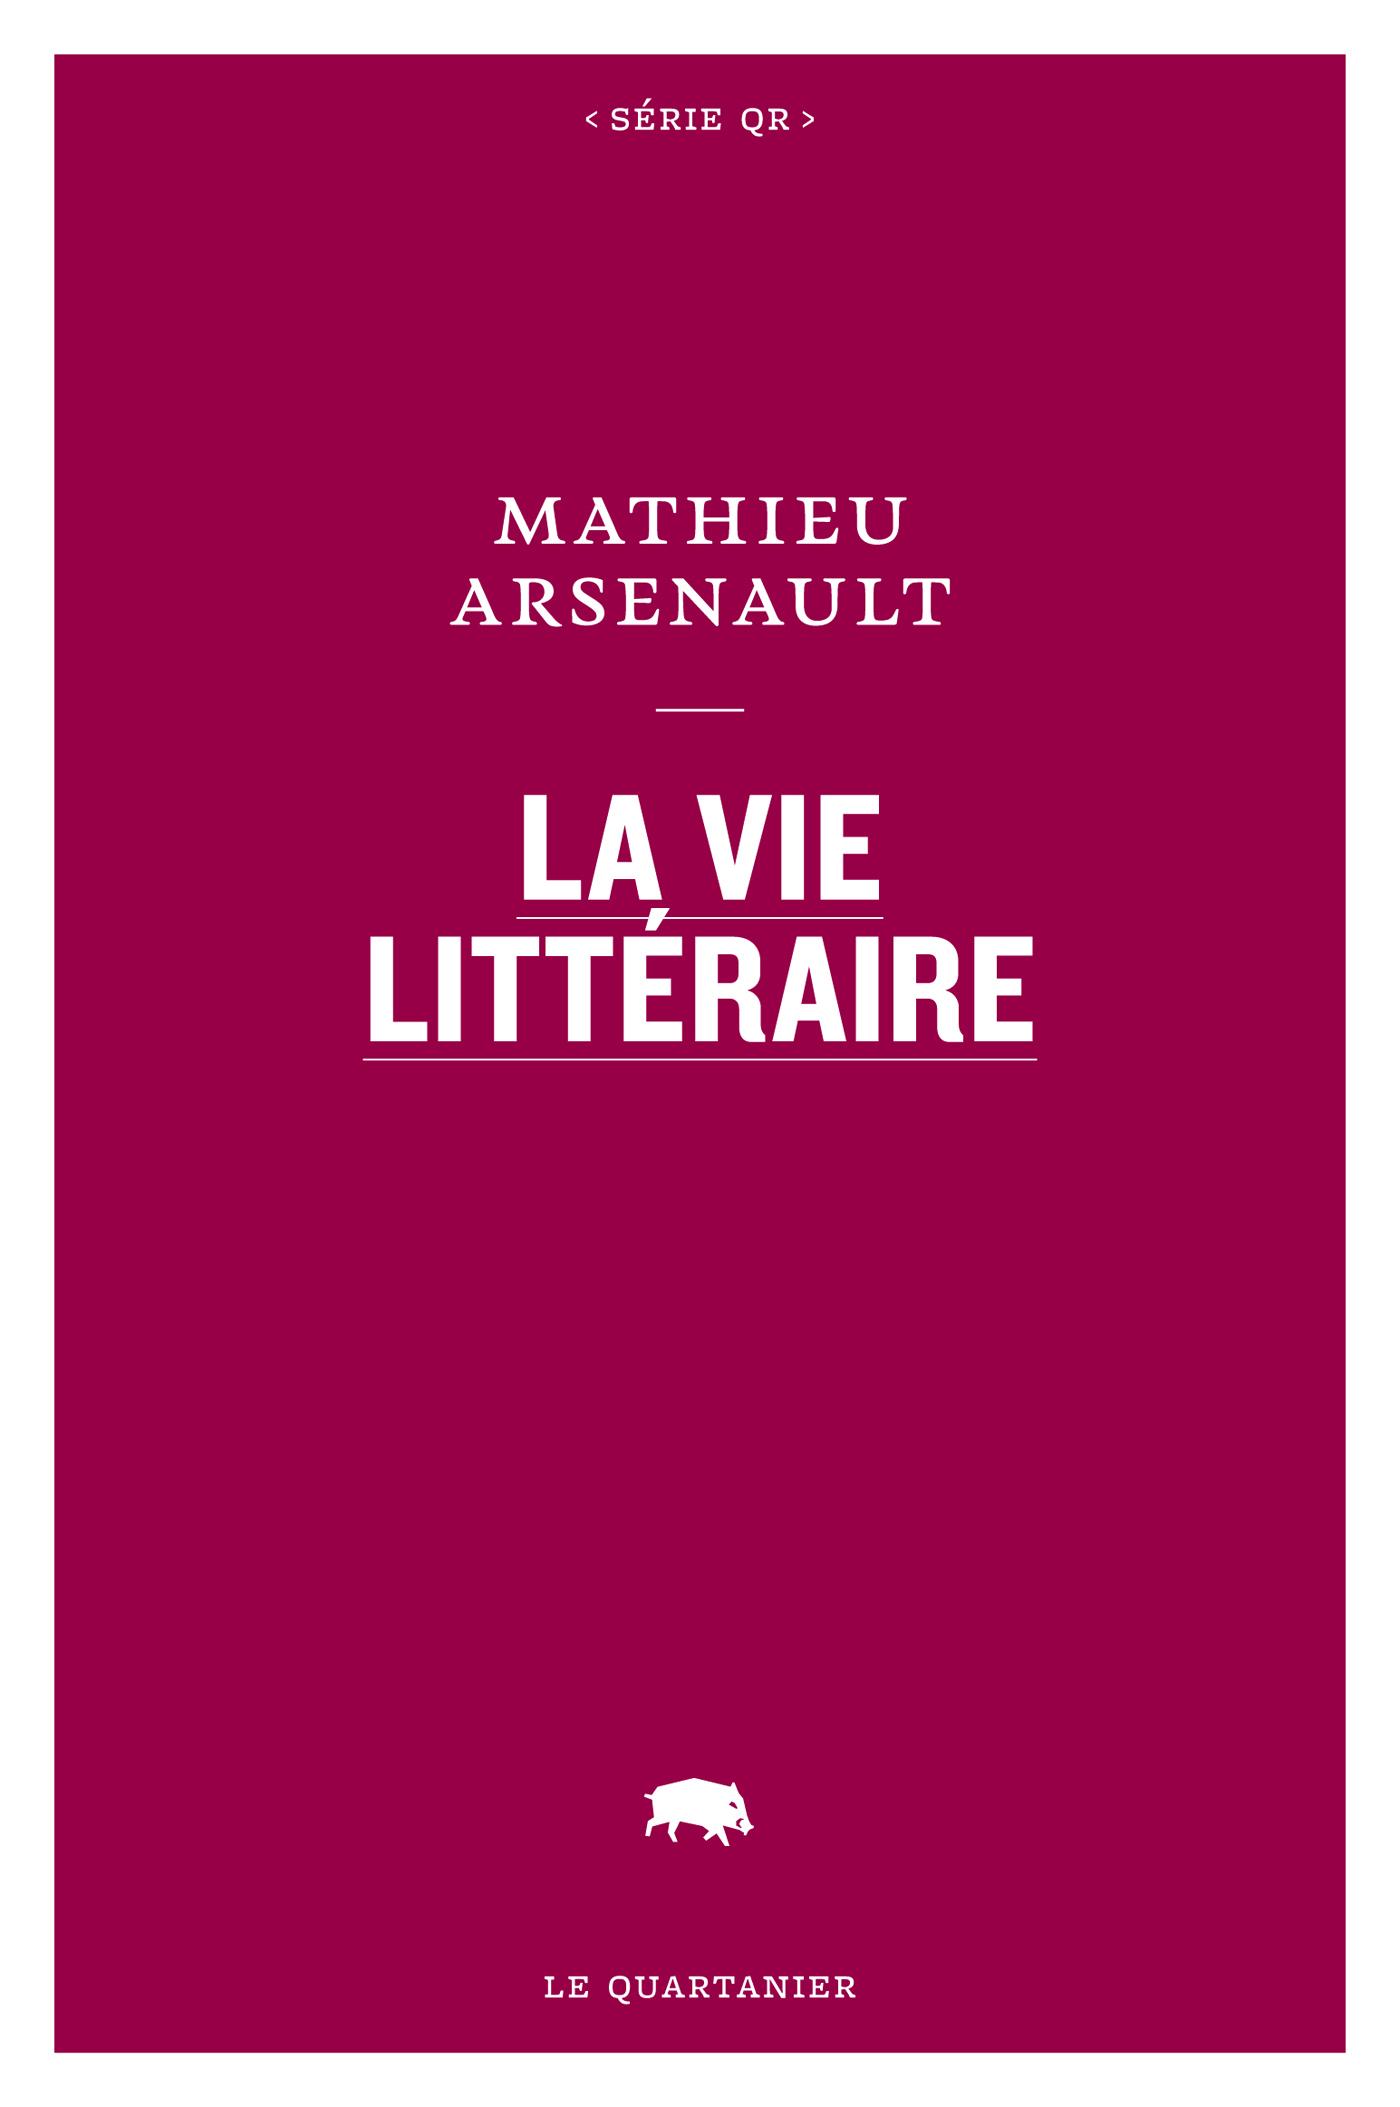 La vie littéraire